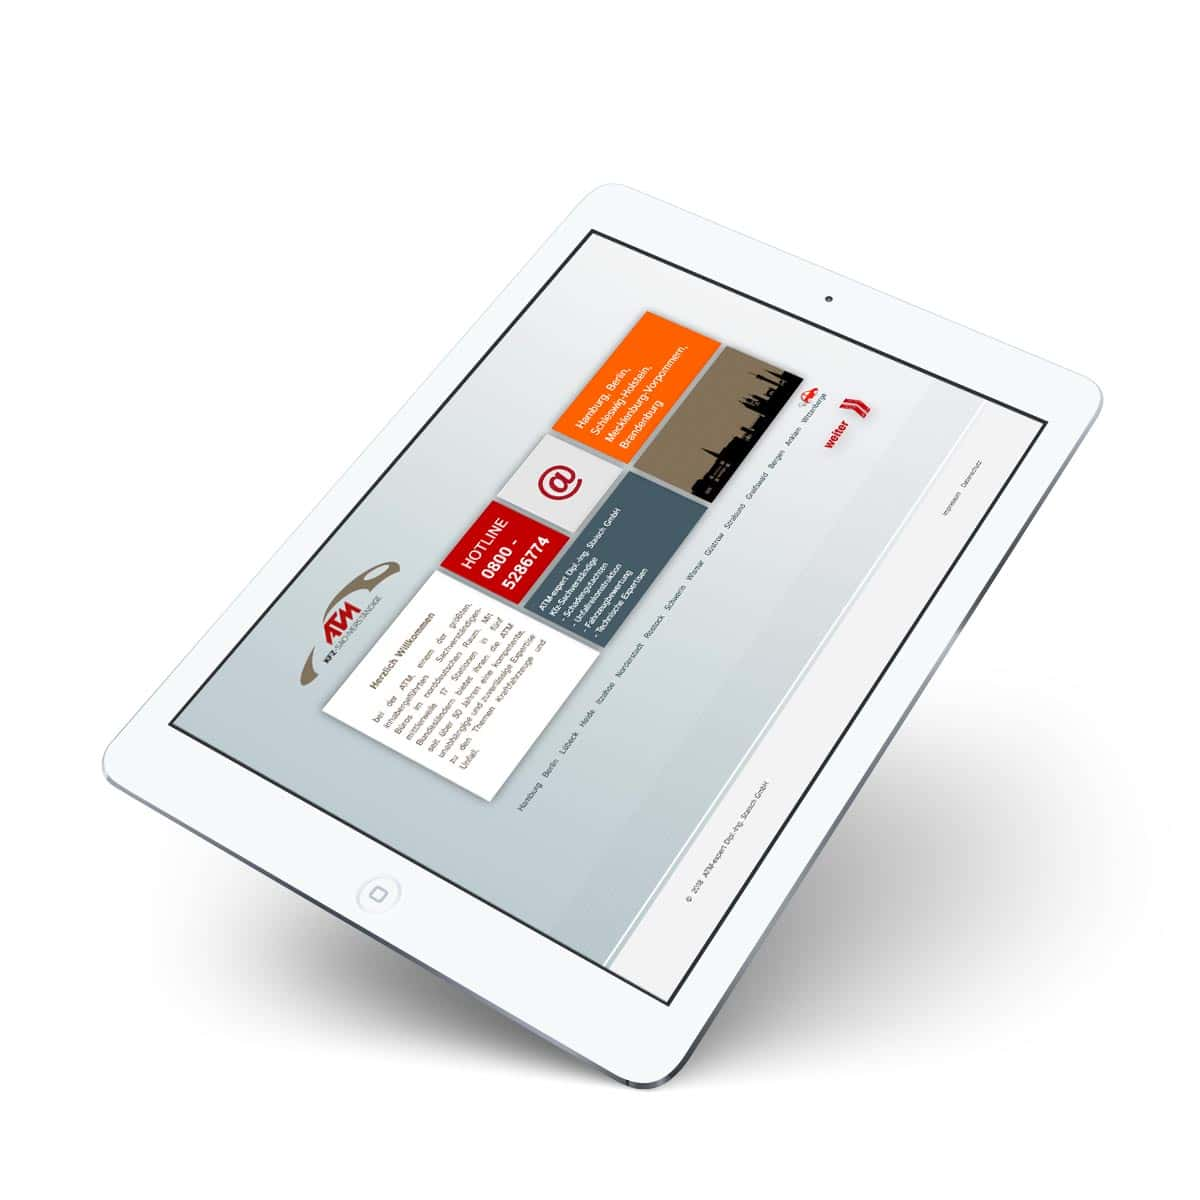 ATM-expert Dipl.-Ing. Staisch GmbH - Intro